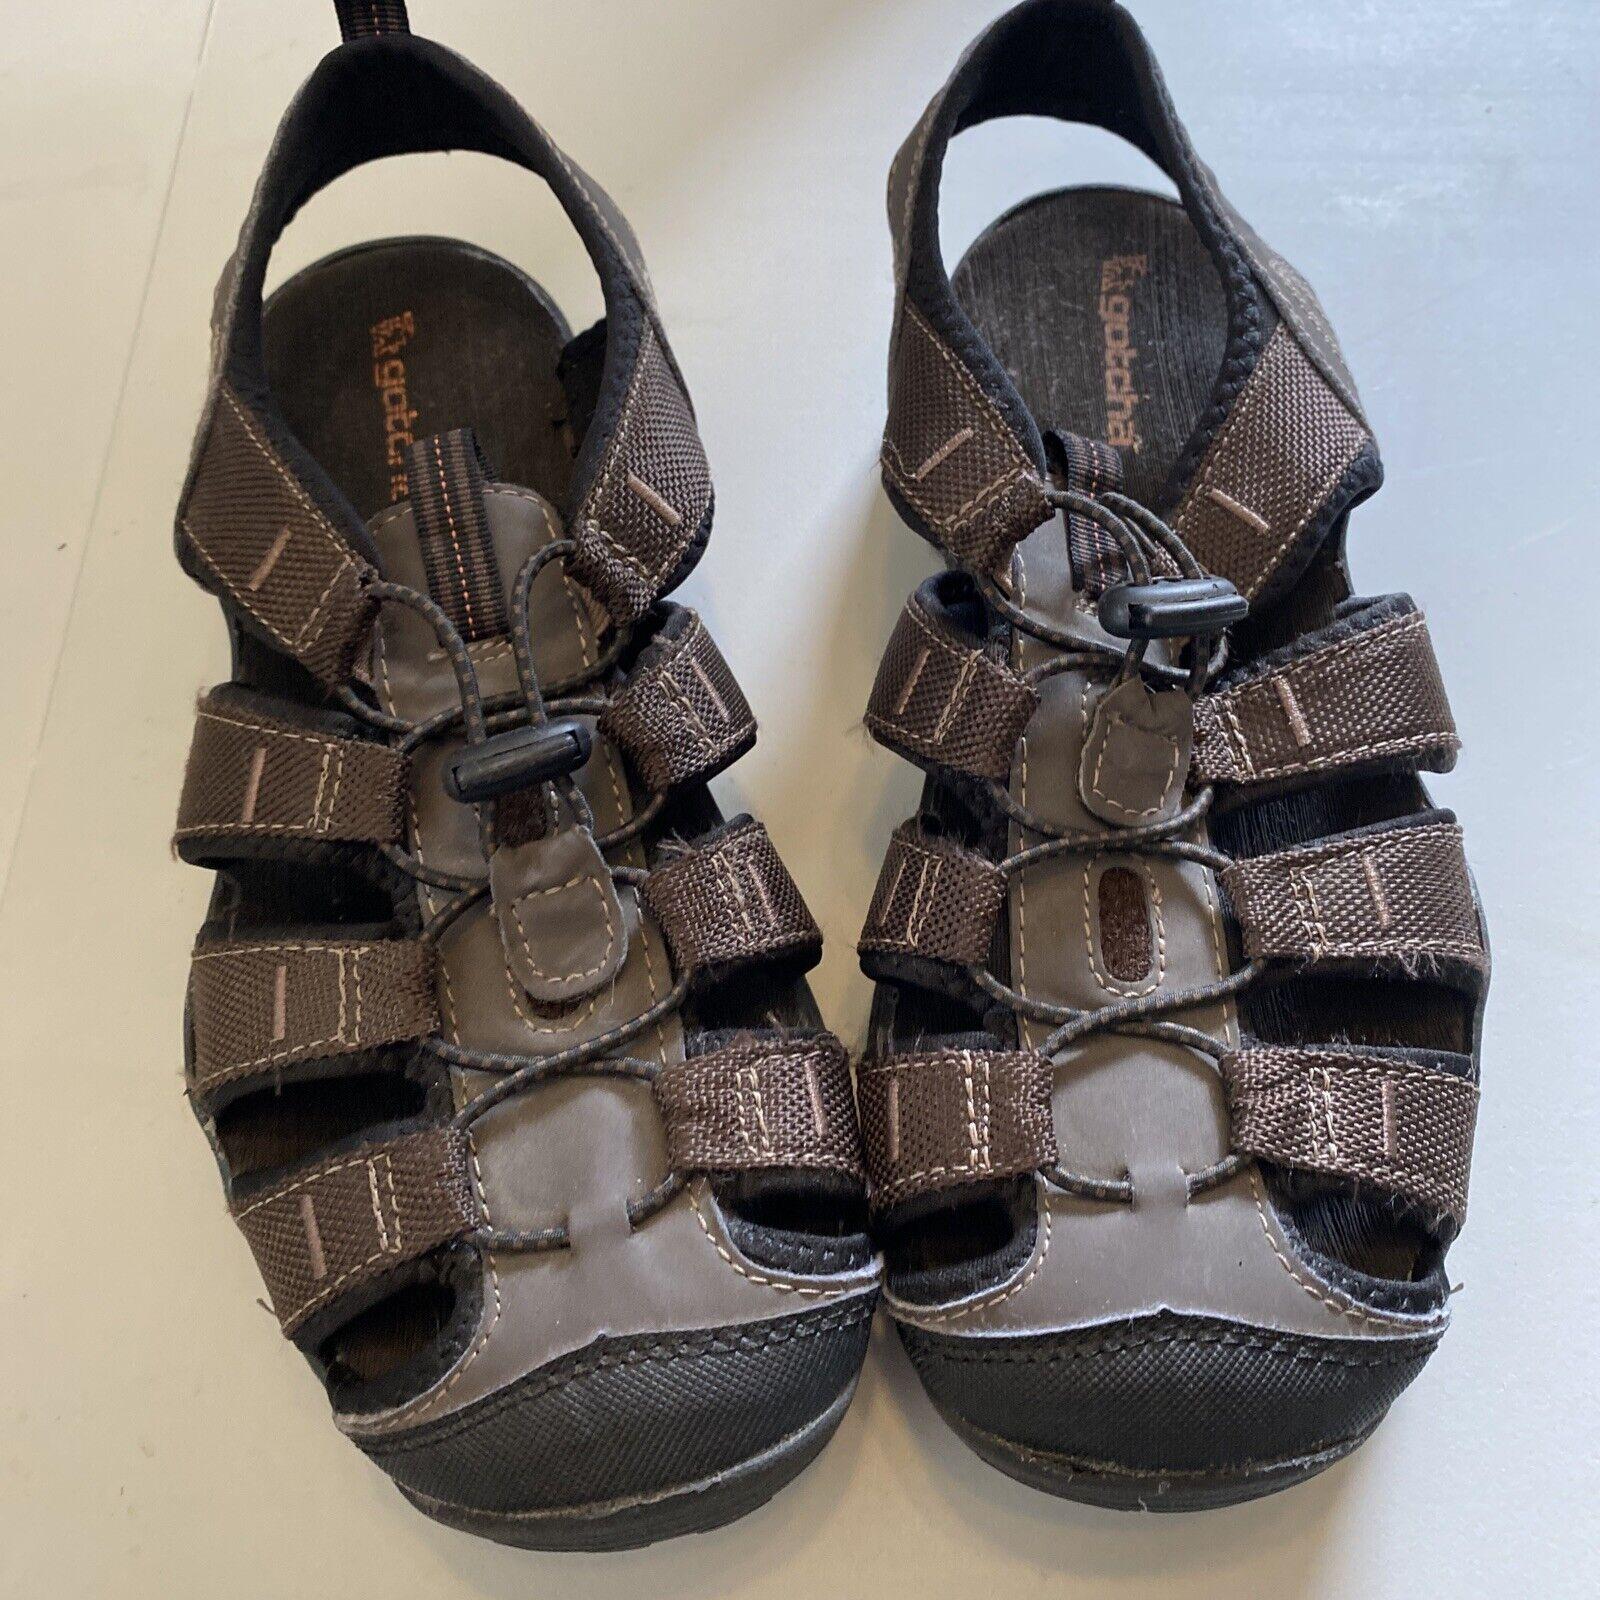 Gotcha Men's Sandals Size 8